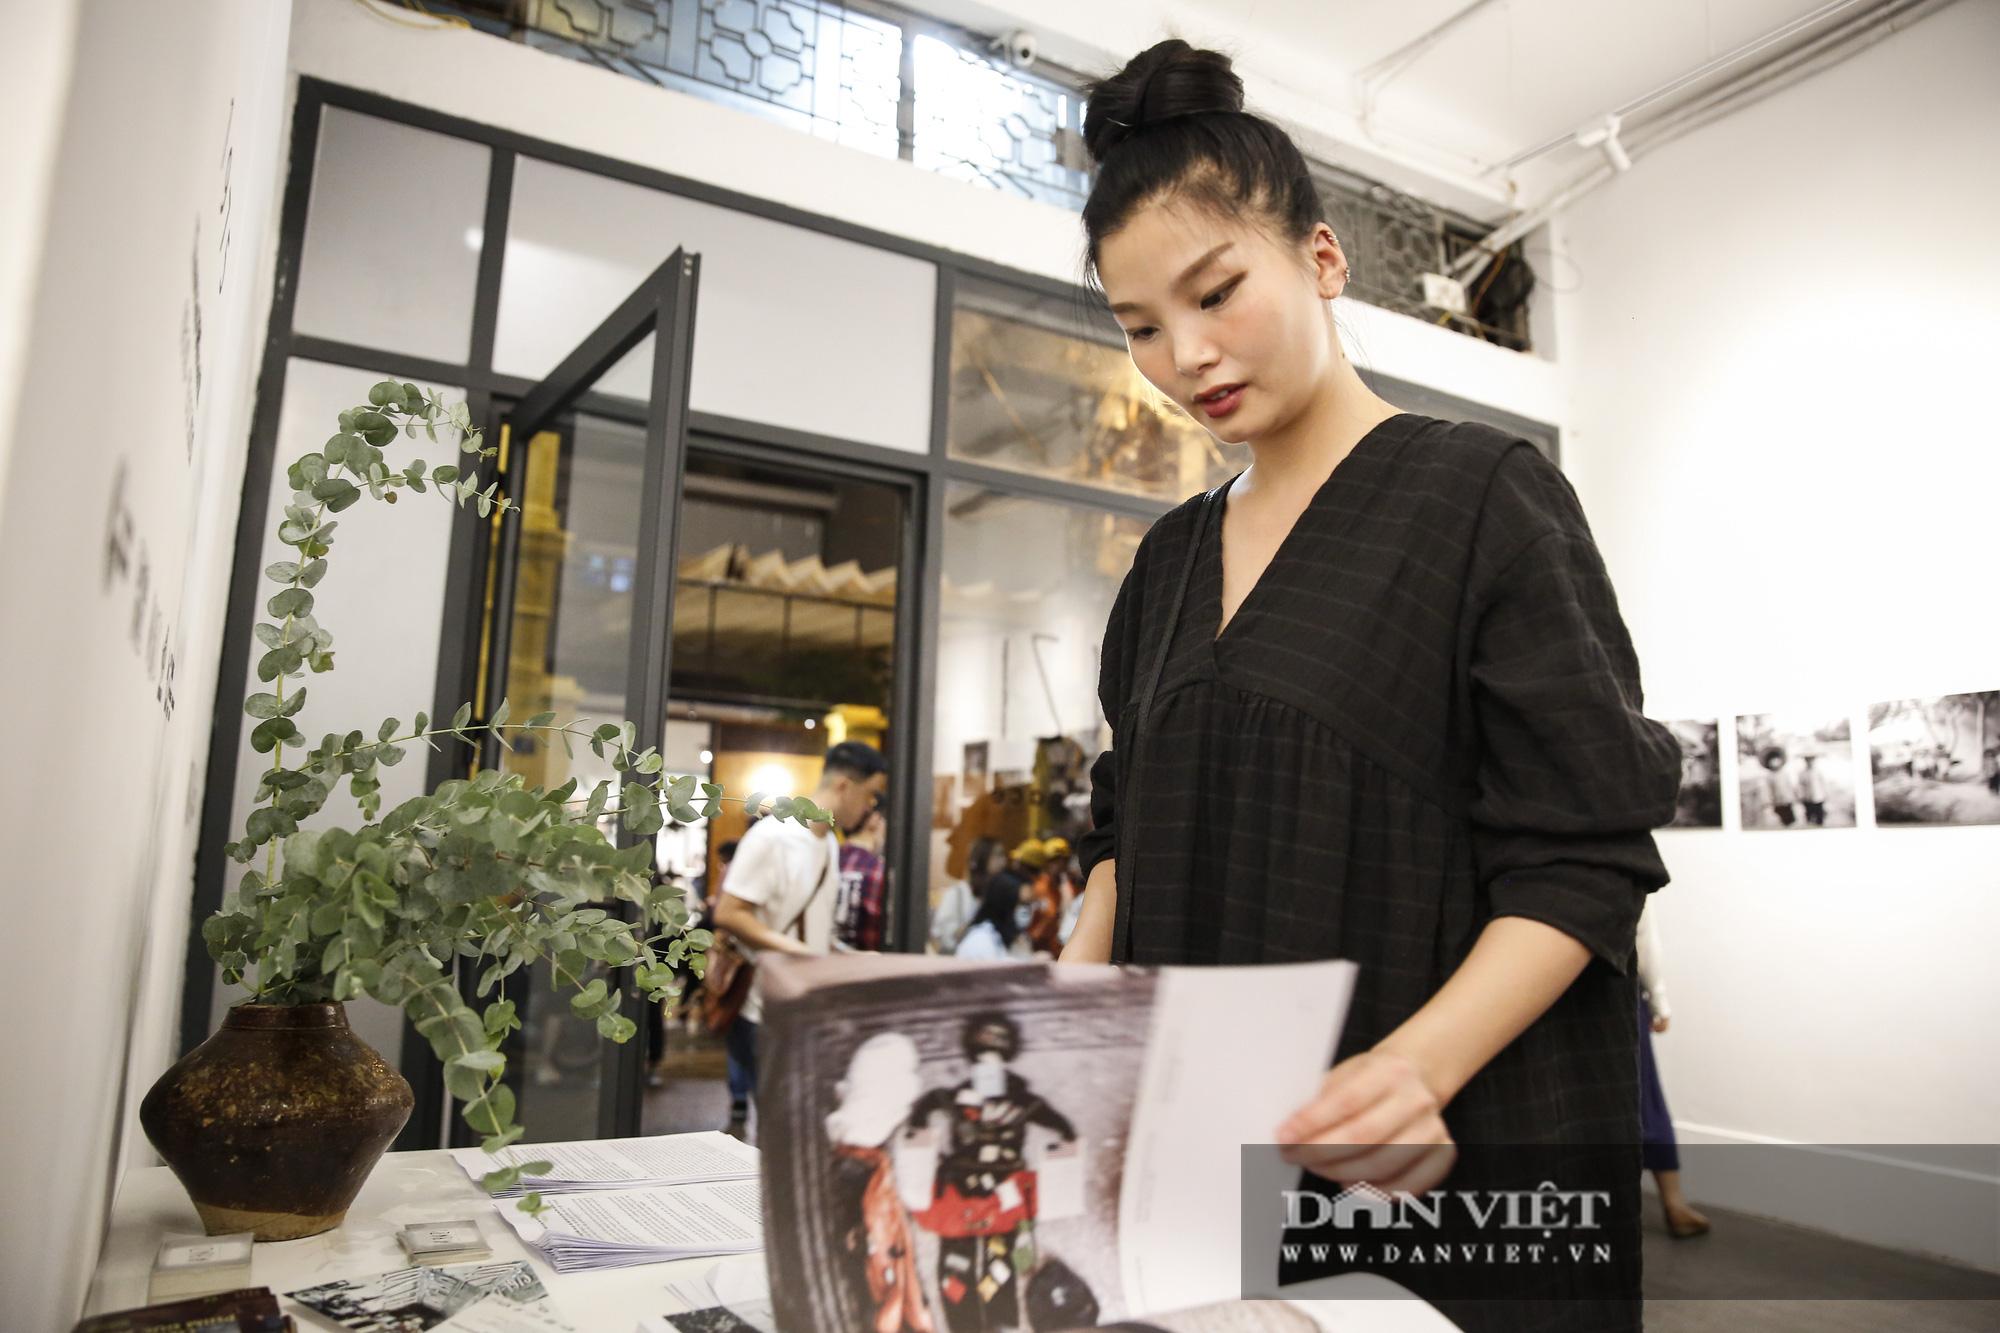 Đại sứ Đức tại Việt Nam tham dự triển lãm ảnh đặc biệt về Hà Nội - Ảnh 7.